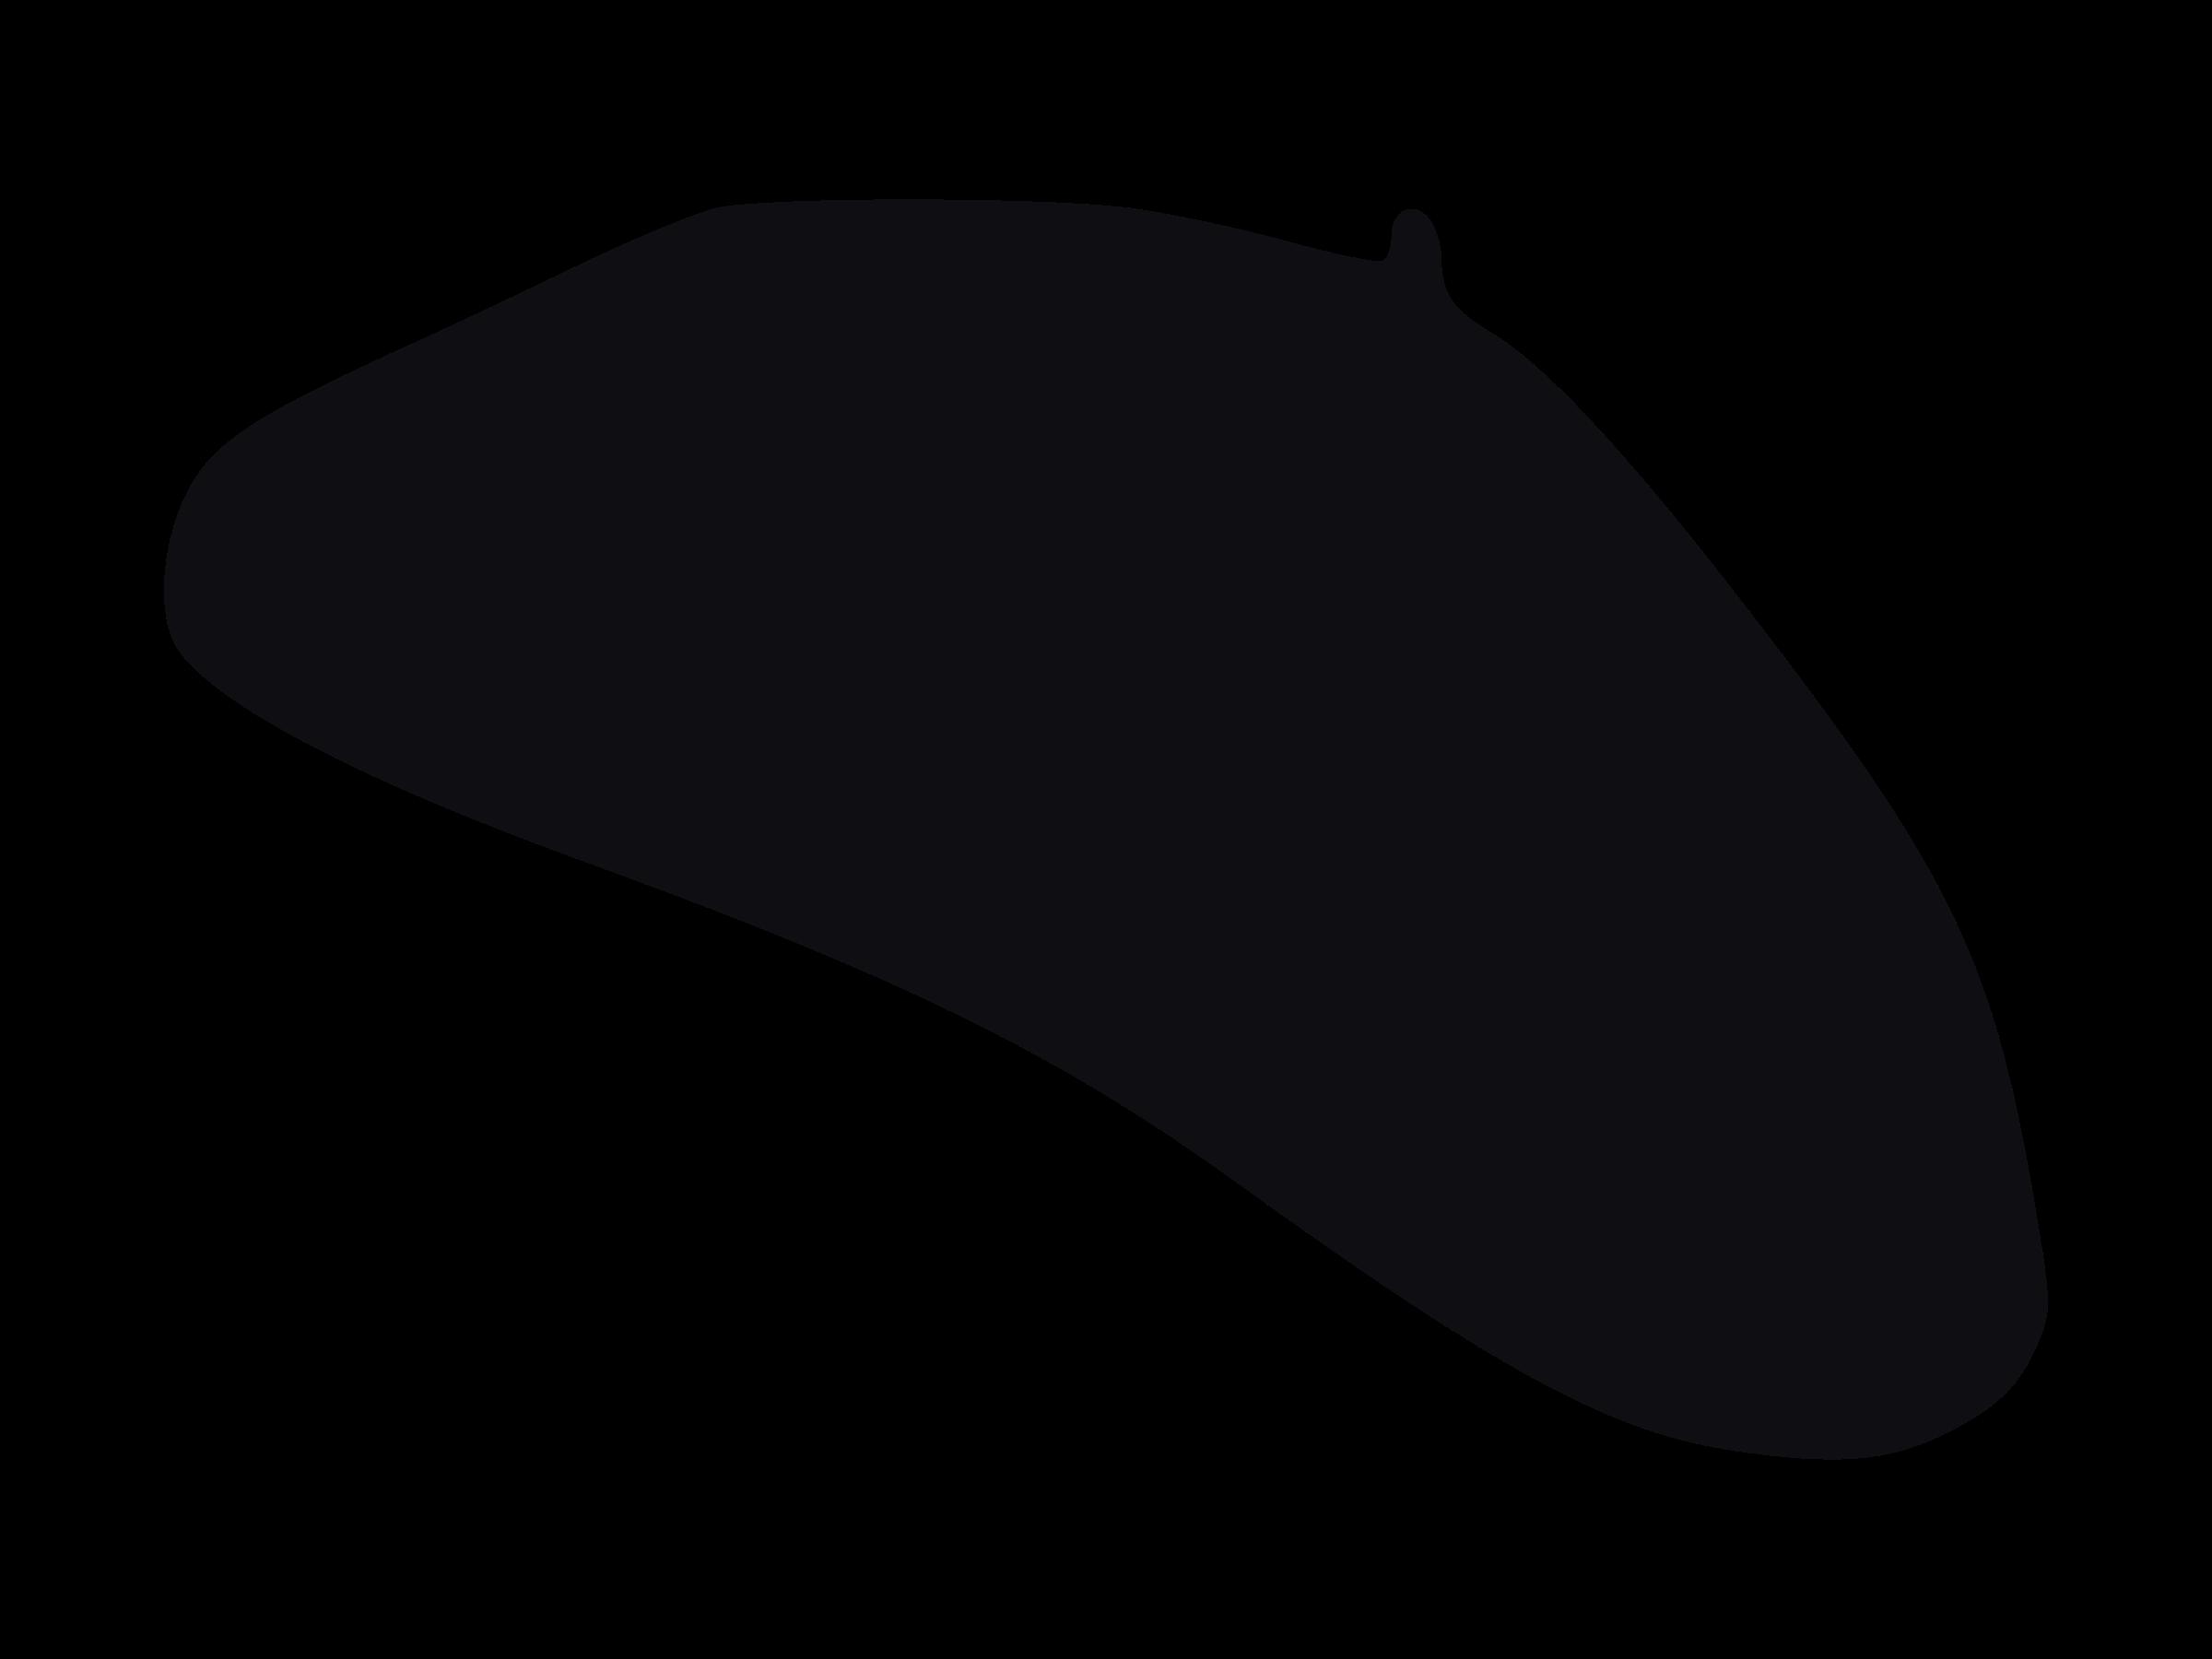 BIG IMAGE (PNG) - Beret PNG